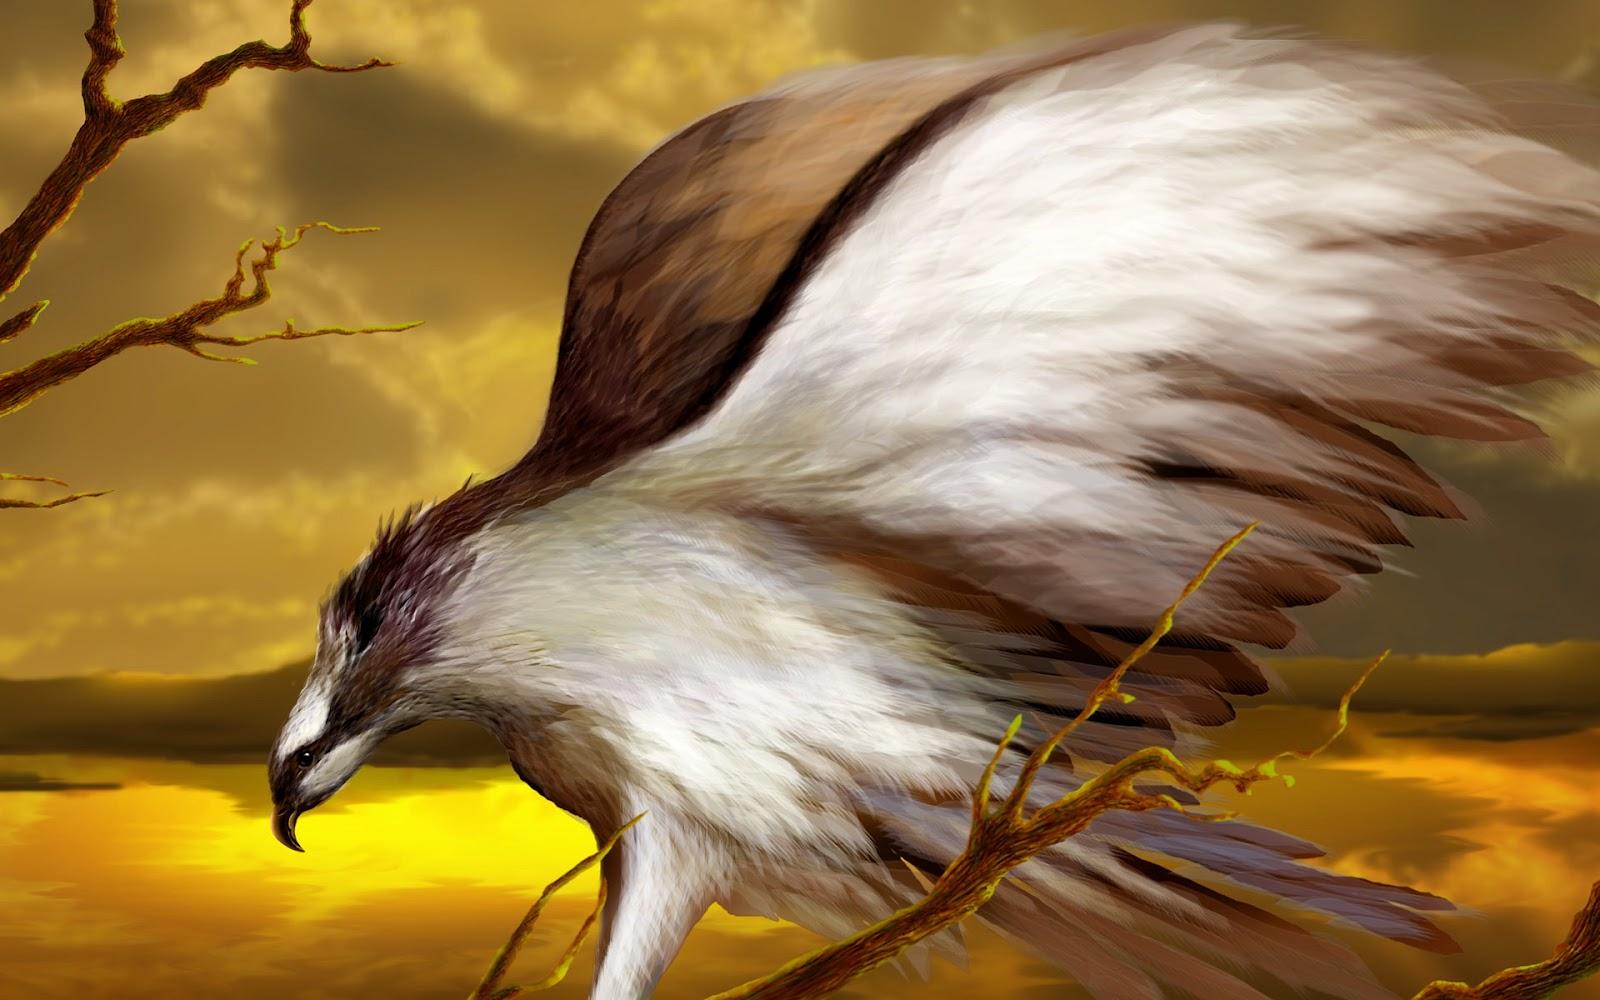 Eagle Full HD Wallpapers, Eagle Wallpapers, Eagle HD ...